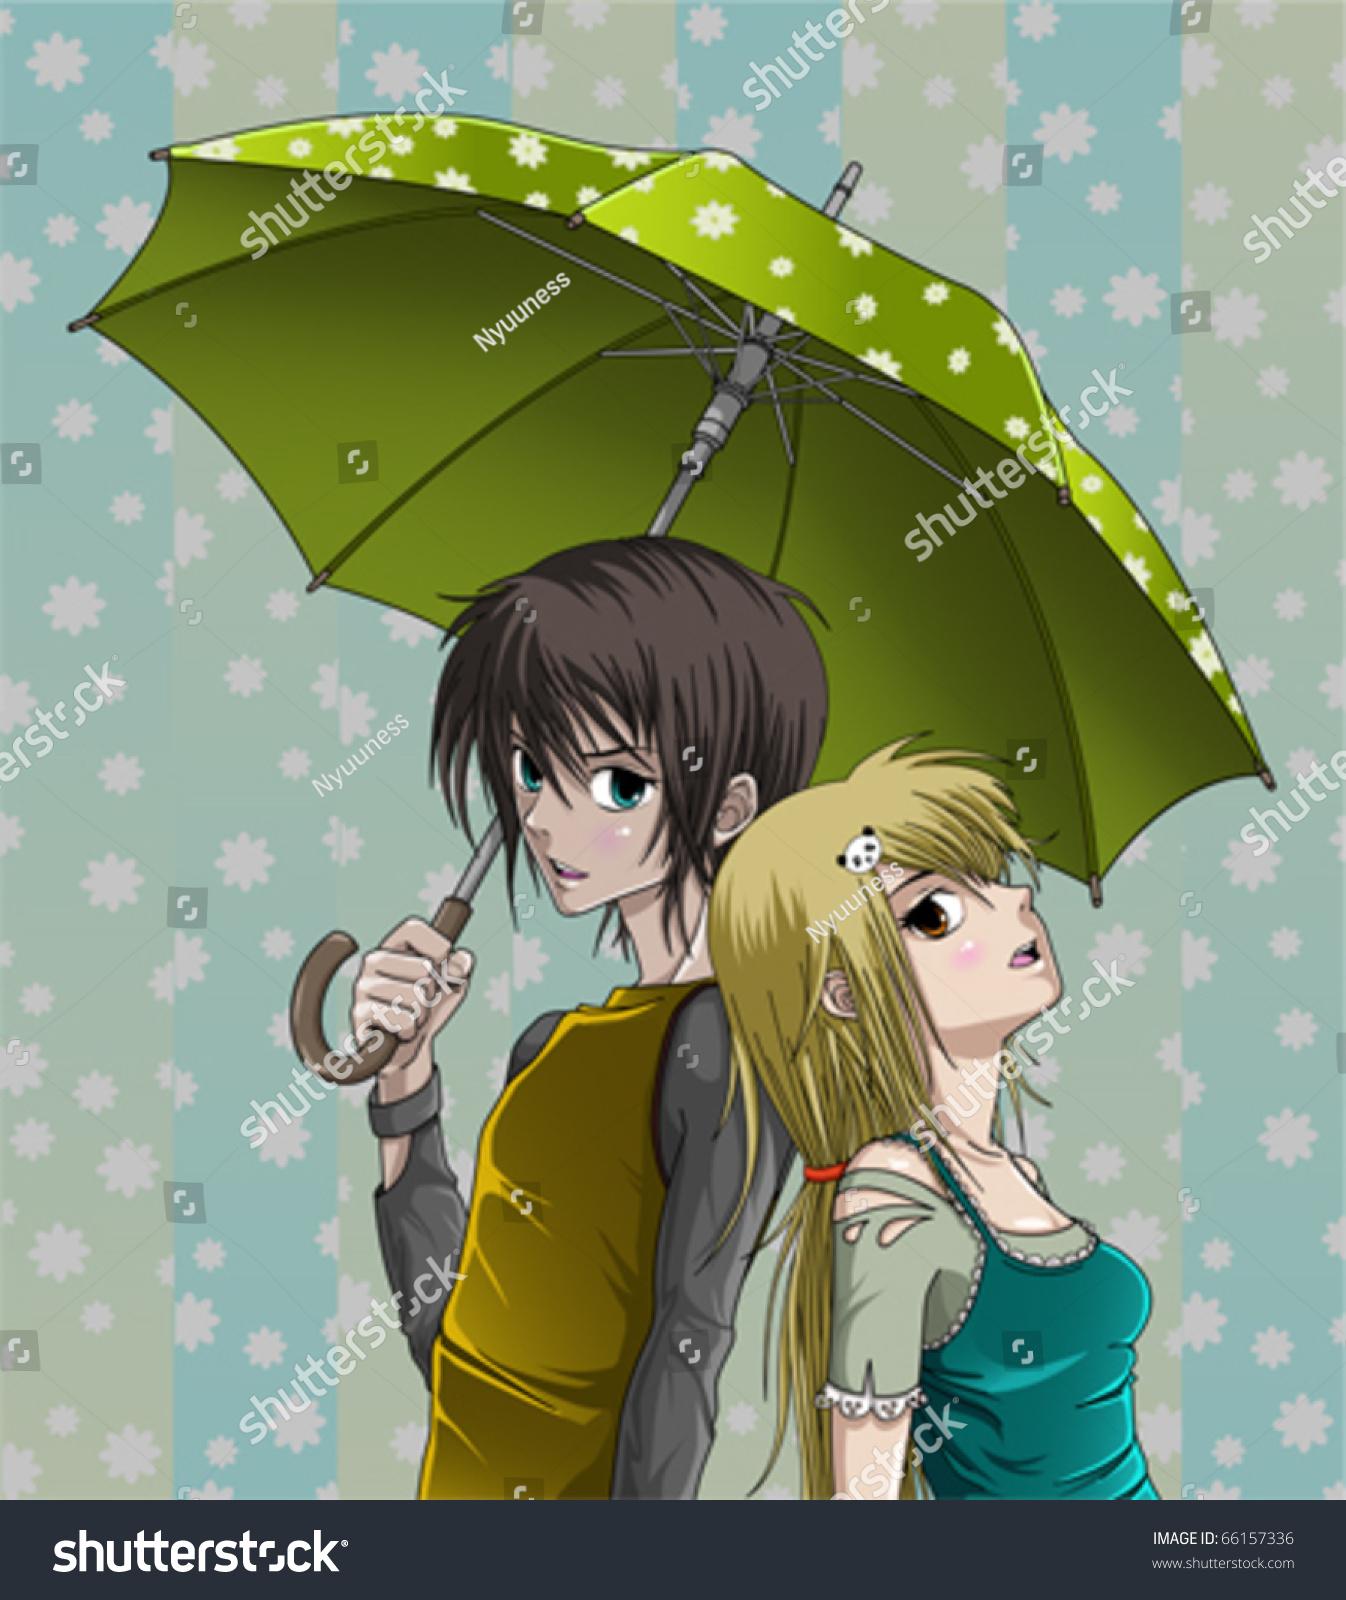 cute girl boy umbrella nice background stock photo (photo, vector